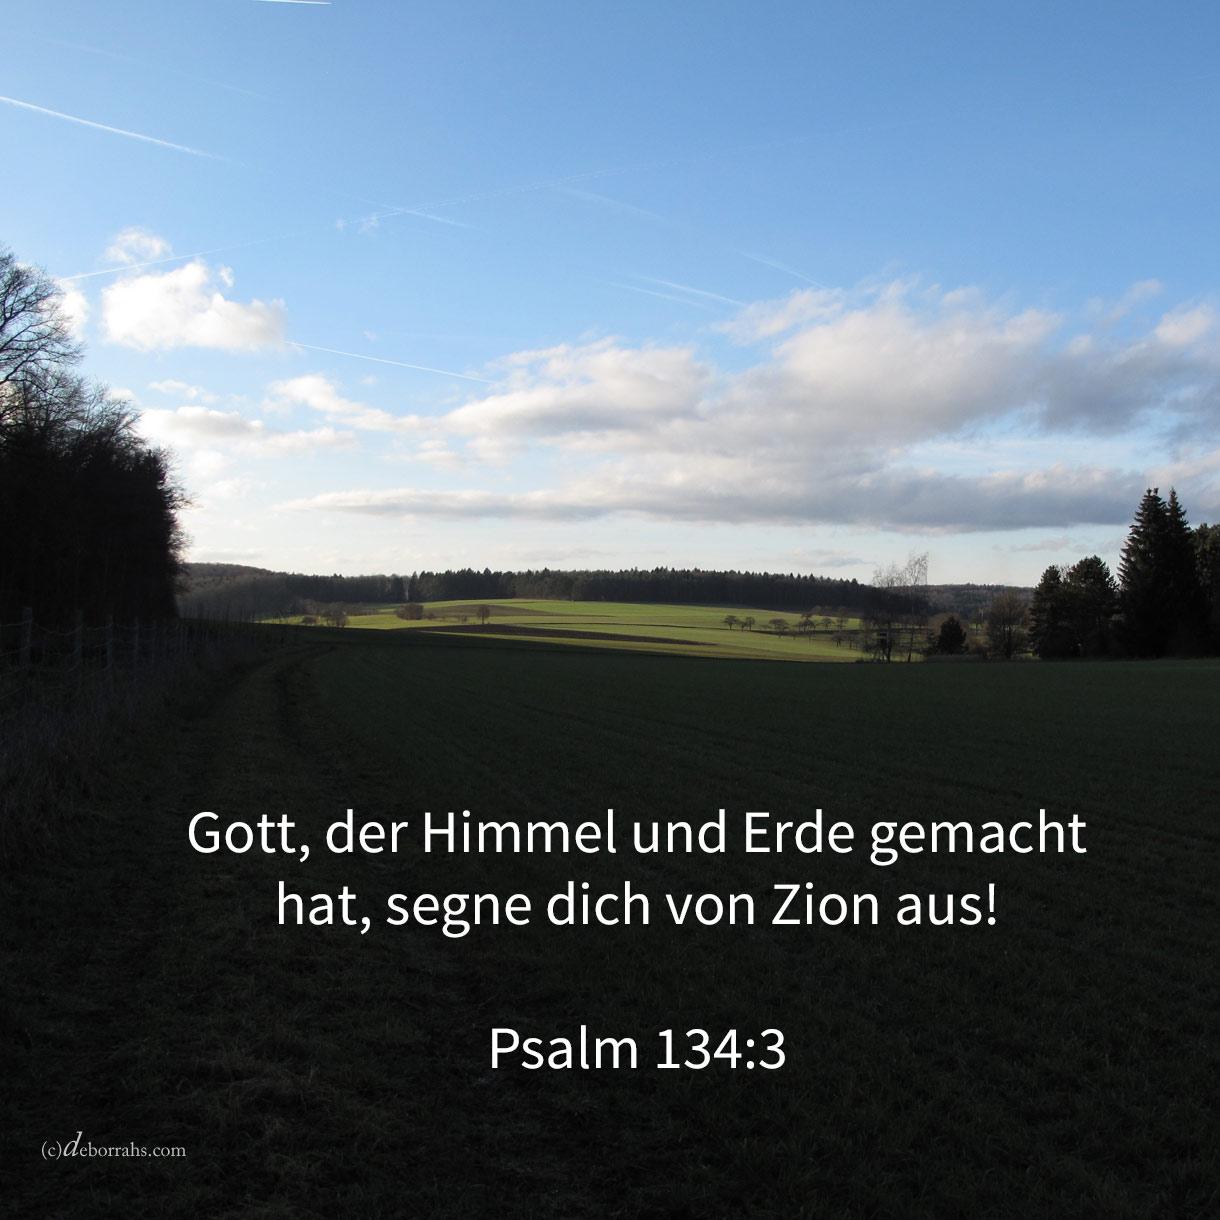 Jehova segne dich von Zion aus, der Himmel und Erde gemacht hat! ( Psalm 134,3 )